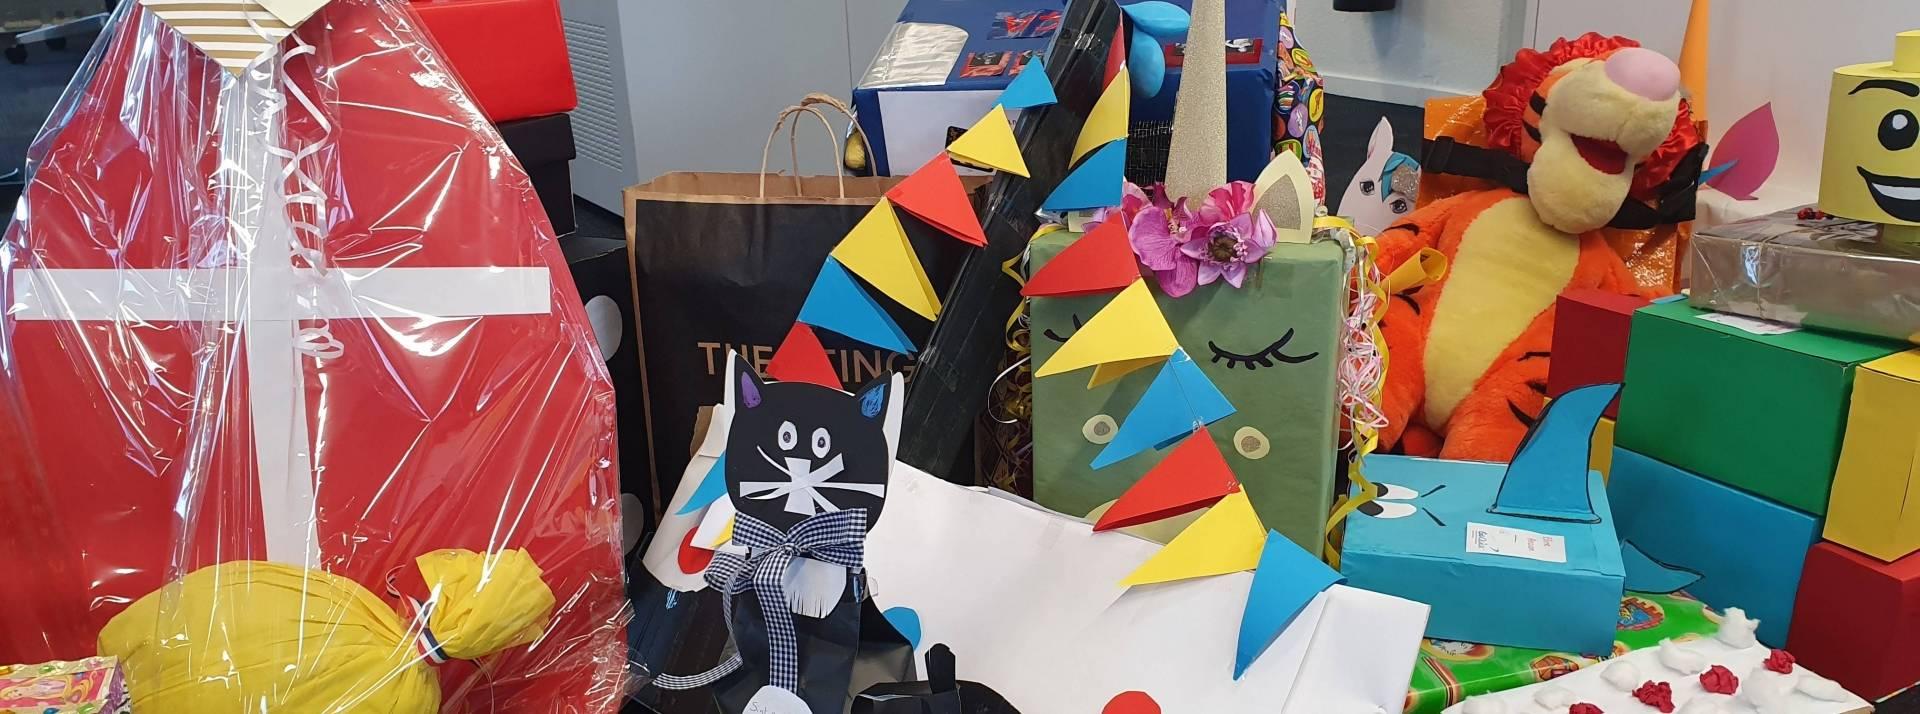 XONAR medewerkers maken surprises voor kinderen in verblijf!